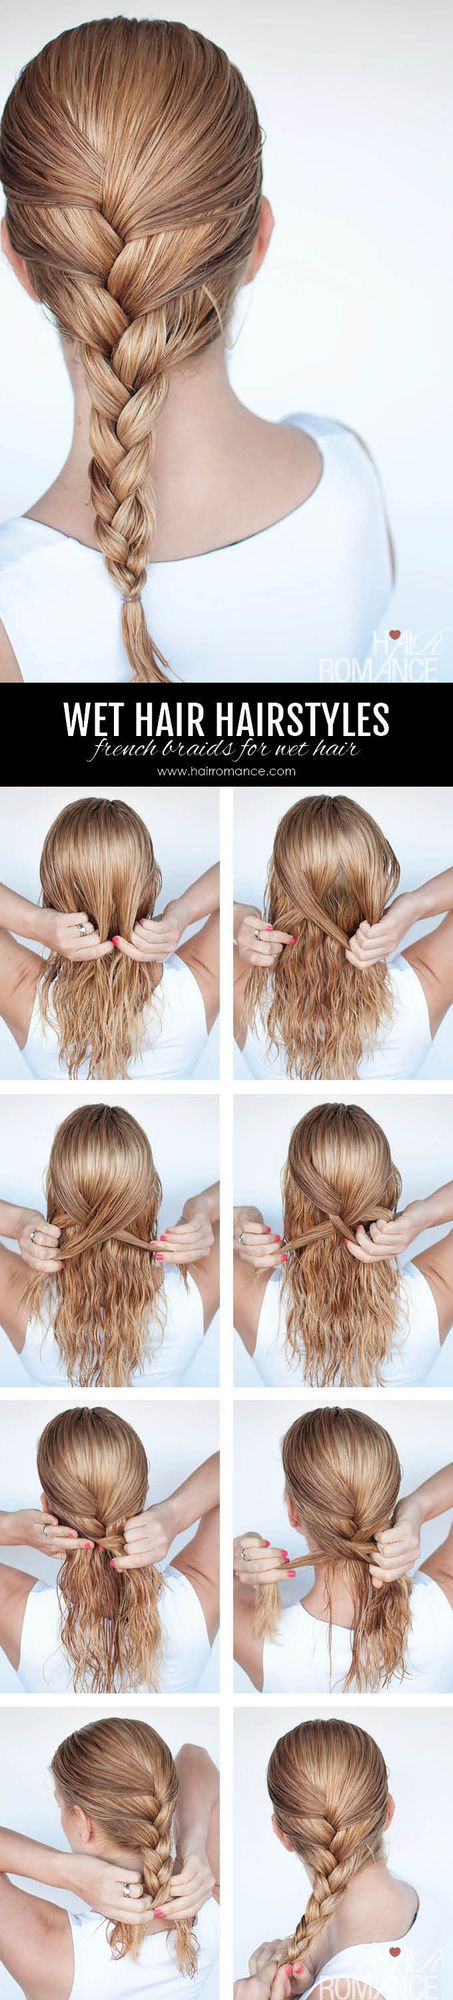 Hairstyles For Wet Hair 3 Simple Braid Tutorials You Can Wear In Wet Hair Hair Romance Hair Styles Hair Romance Braiding Your Own Hair